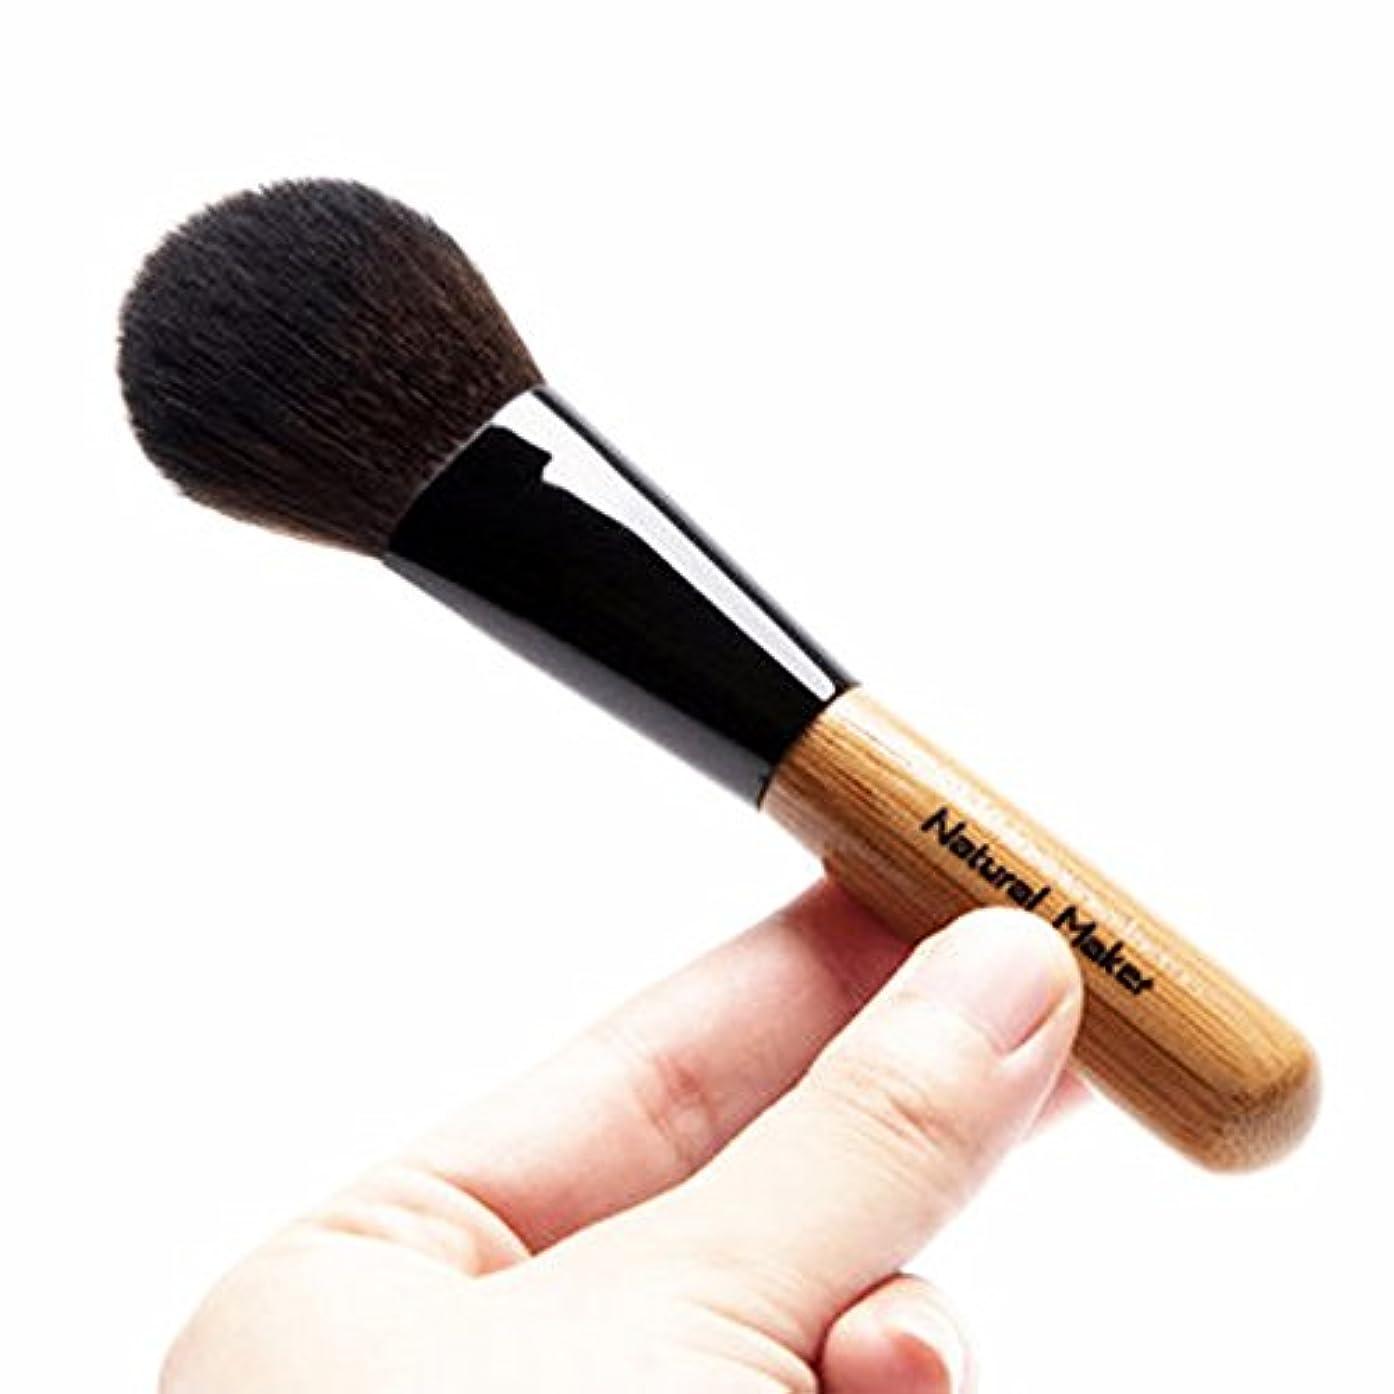 繰り返し複合毛布チークブラシ 化粧筆 パウダーブラシ メイクブラシ ハイライトブラシ 高級繊維毛 極上の肌触り 竹柄